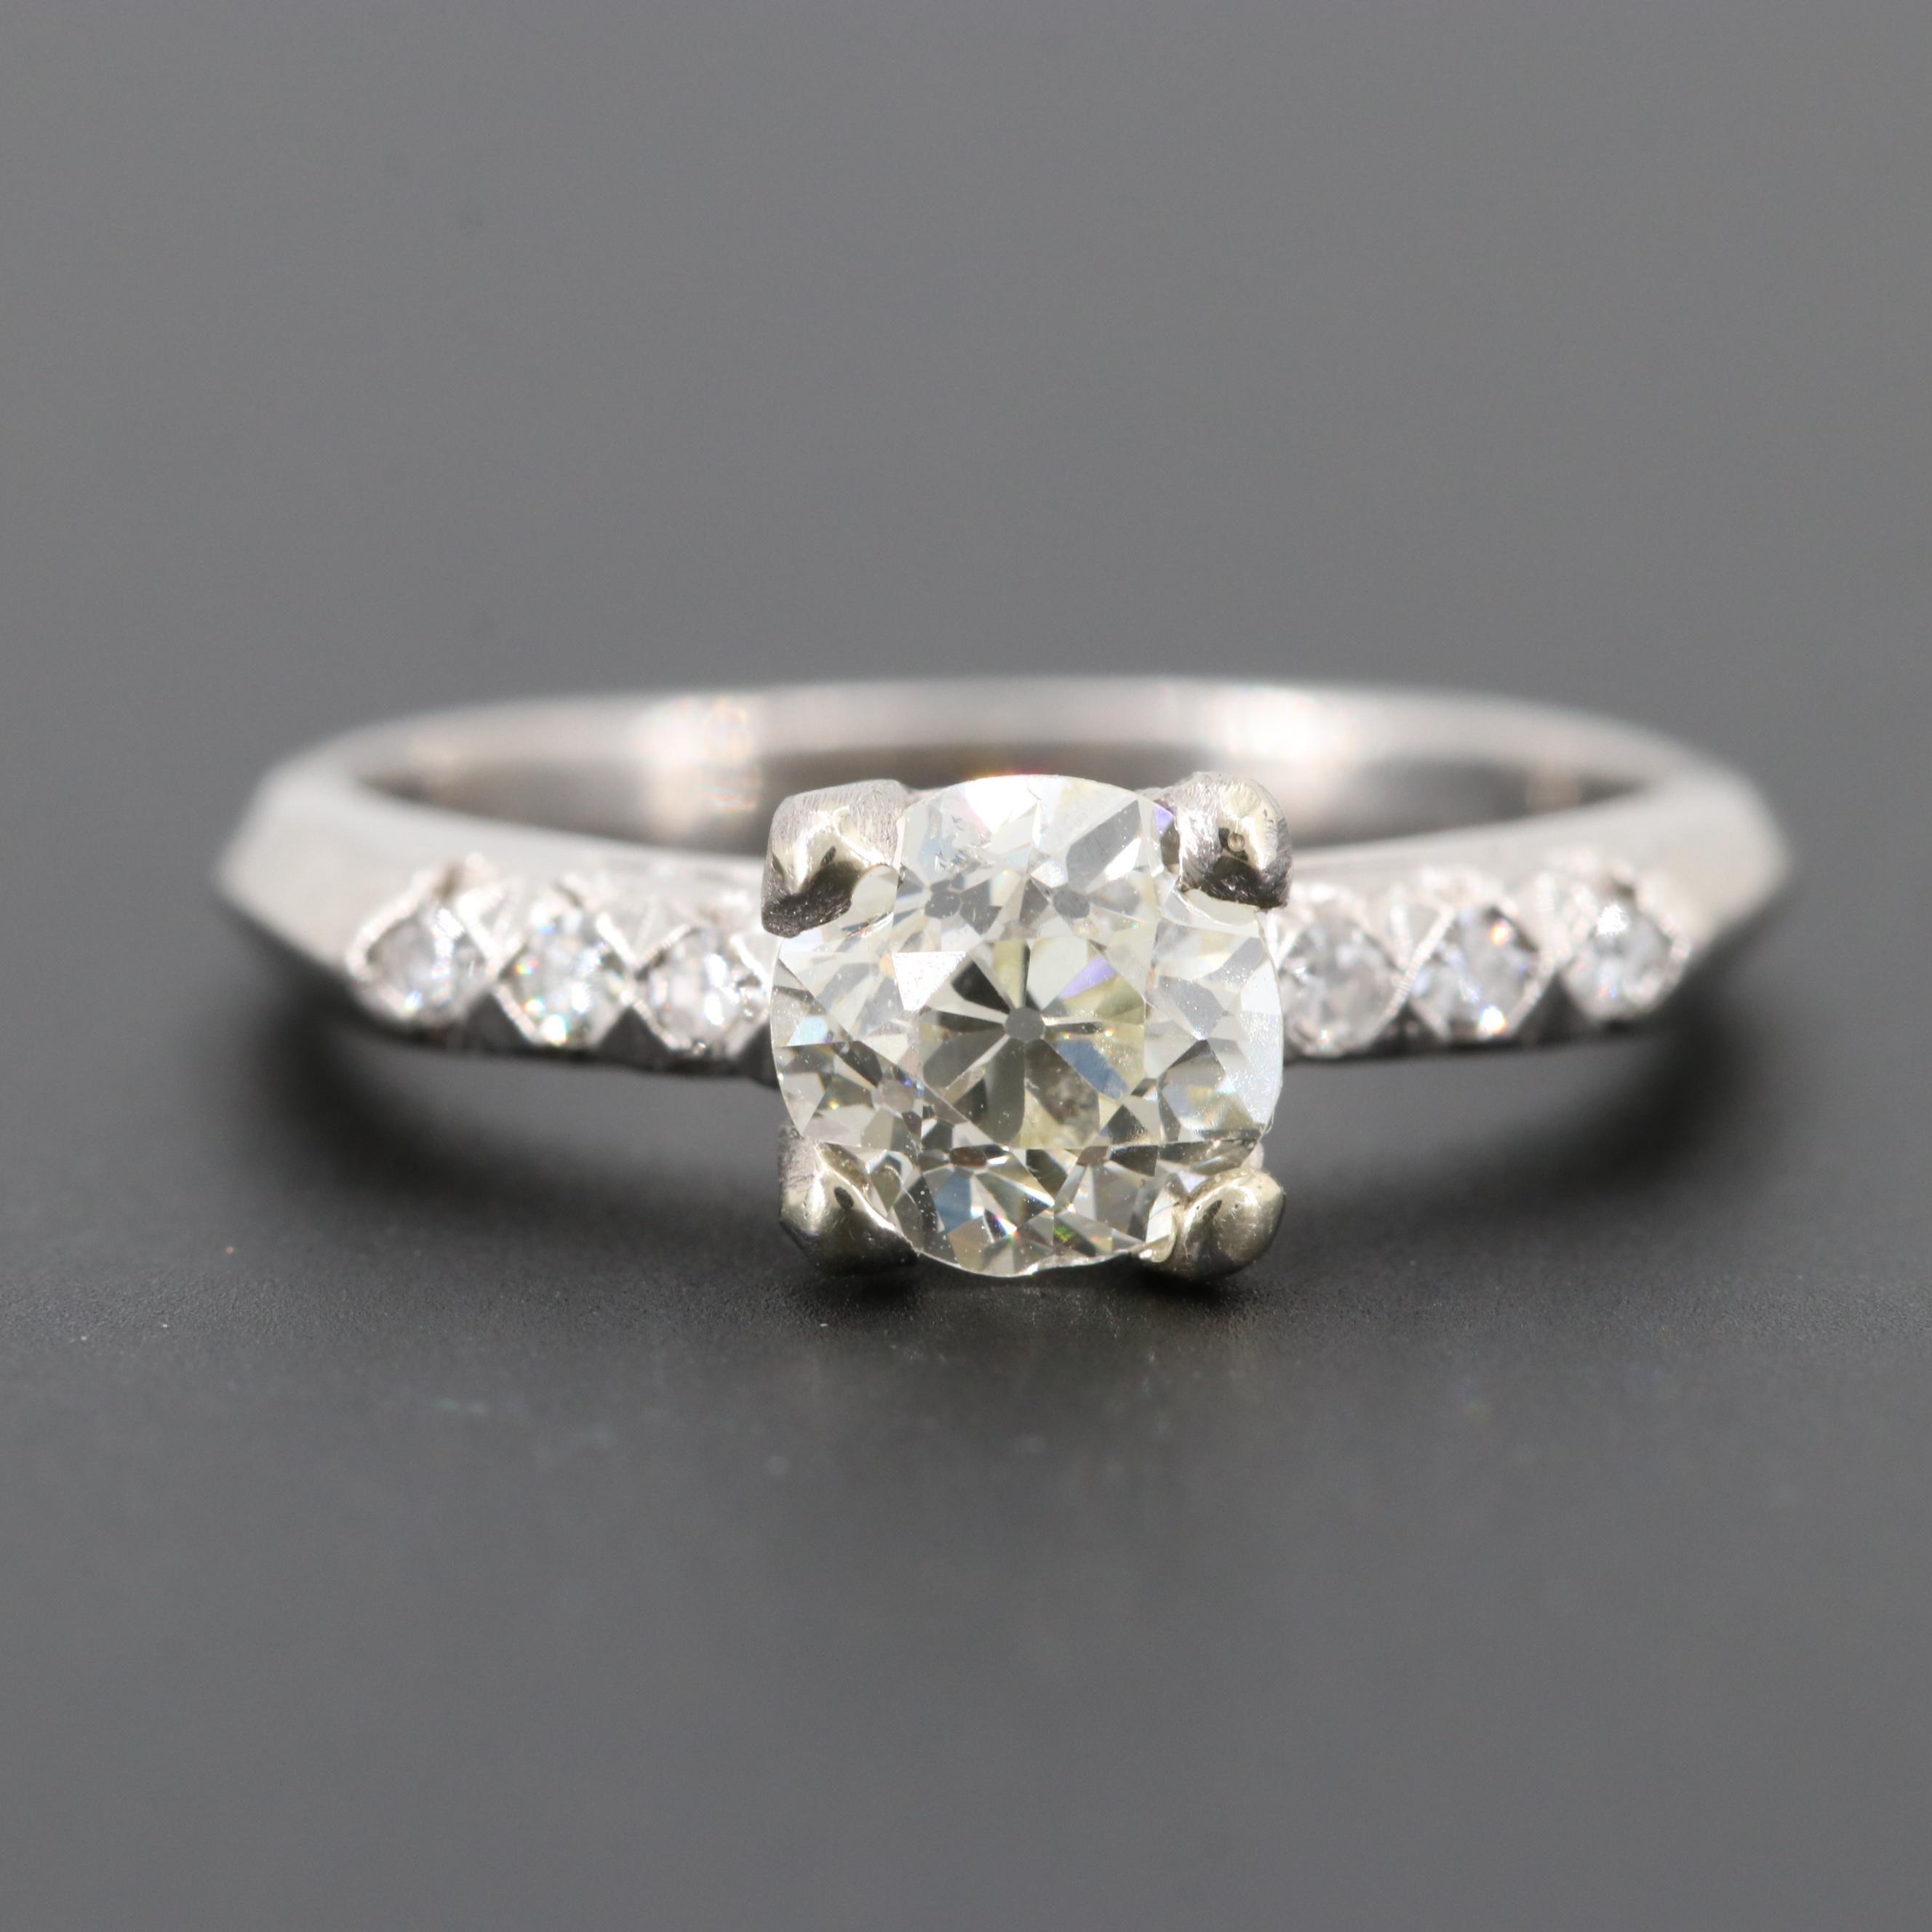 Platinum Diamond Ring with Palladium Accent